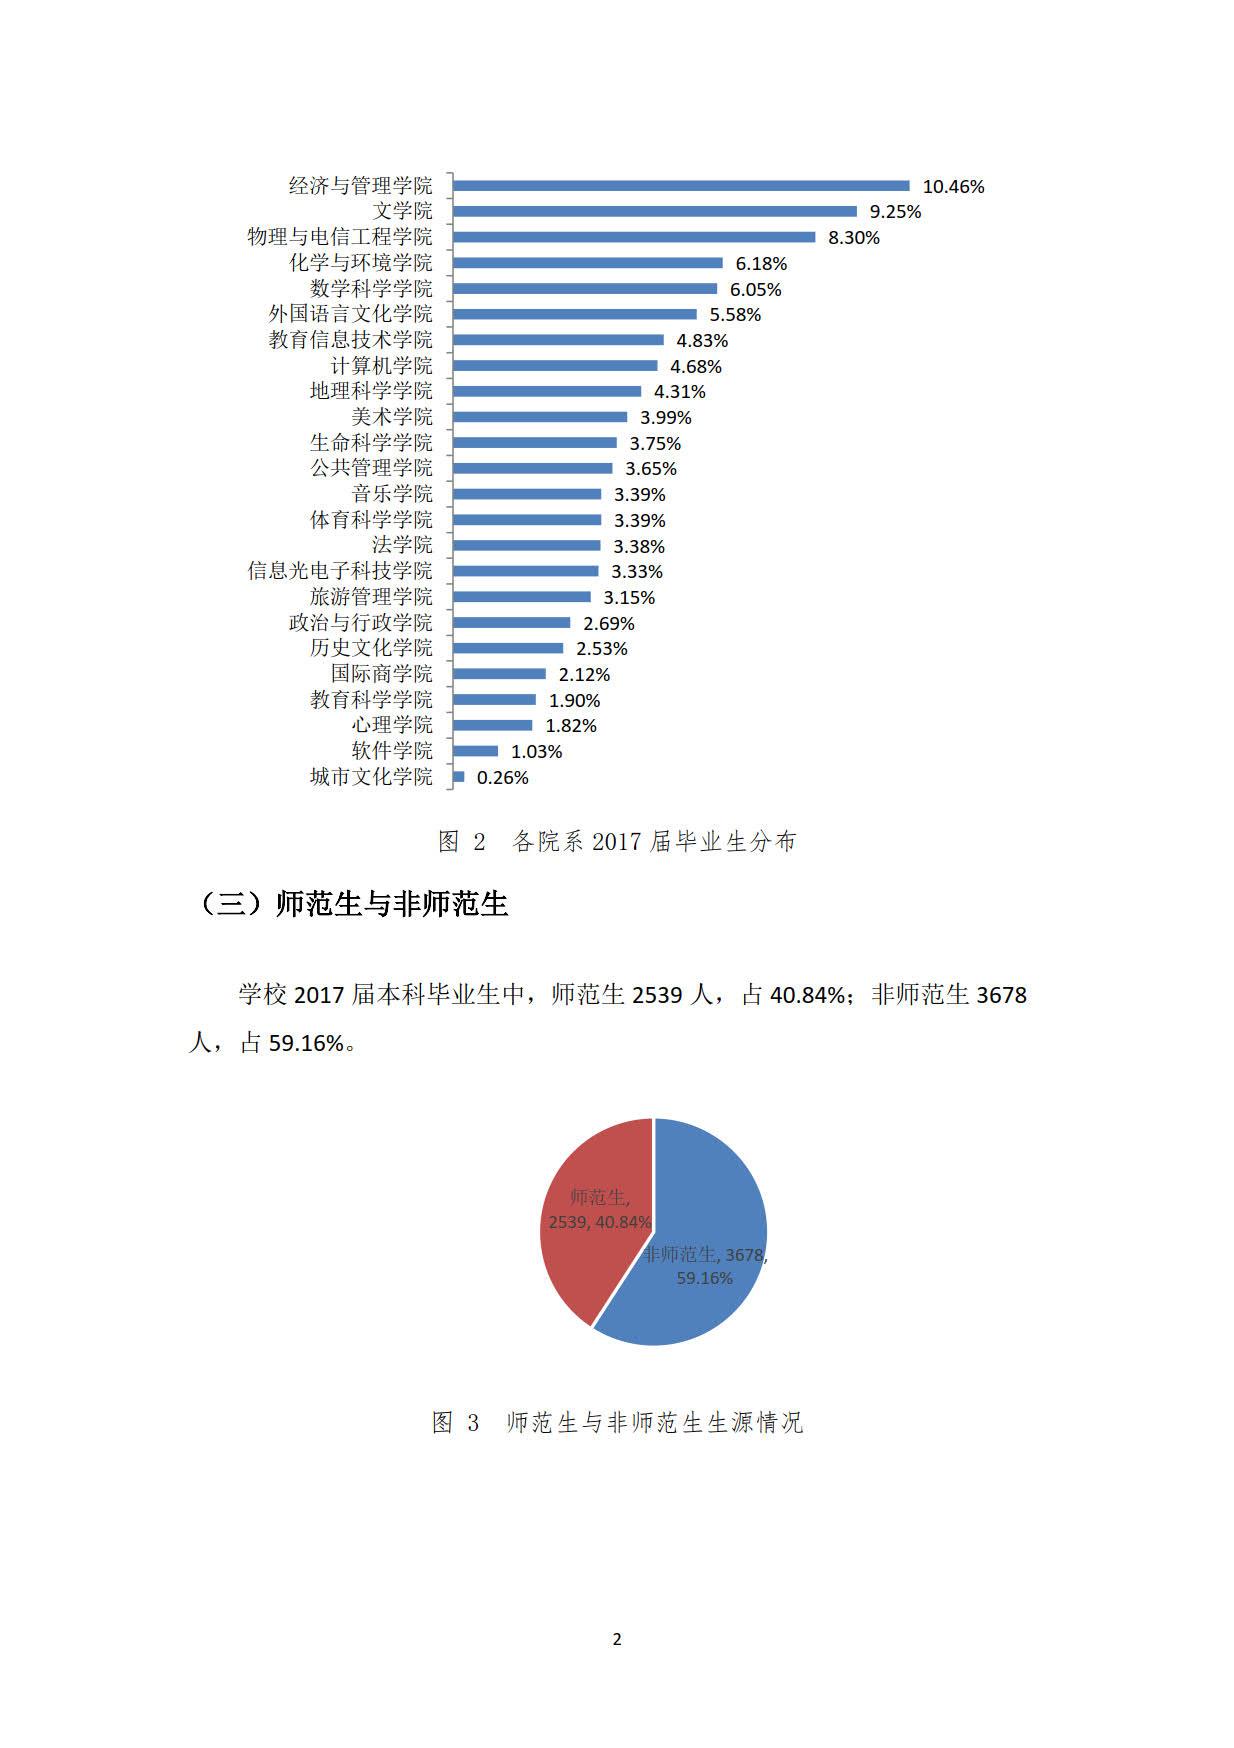 华南师范大学2017届本科毕业生最终就业情况统计表